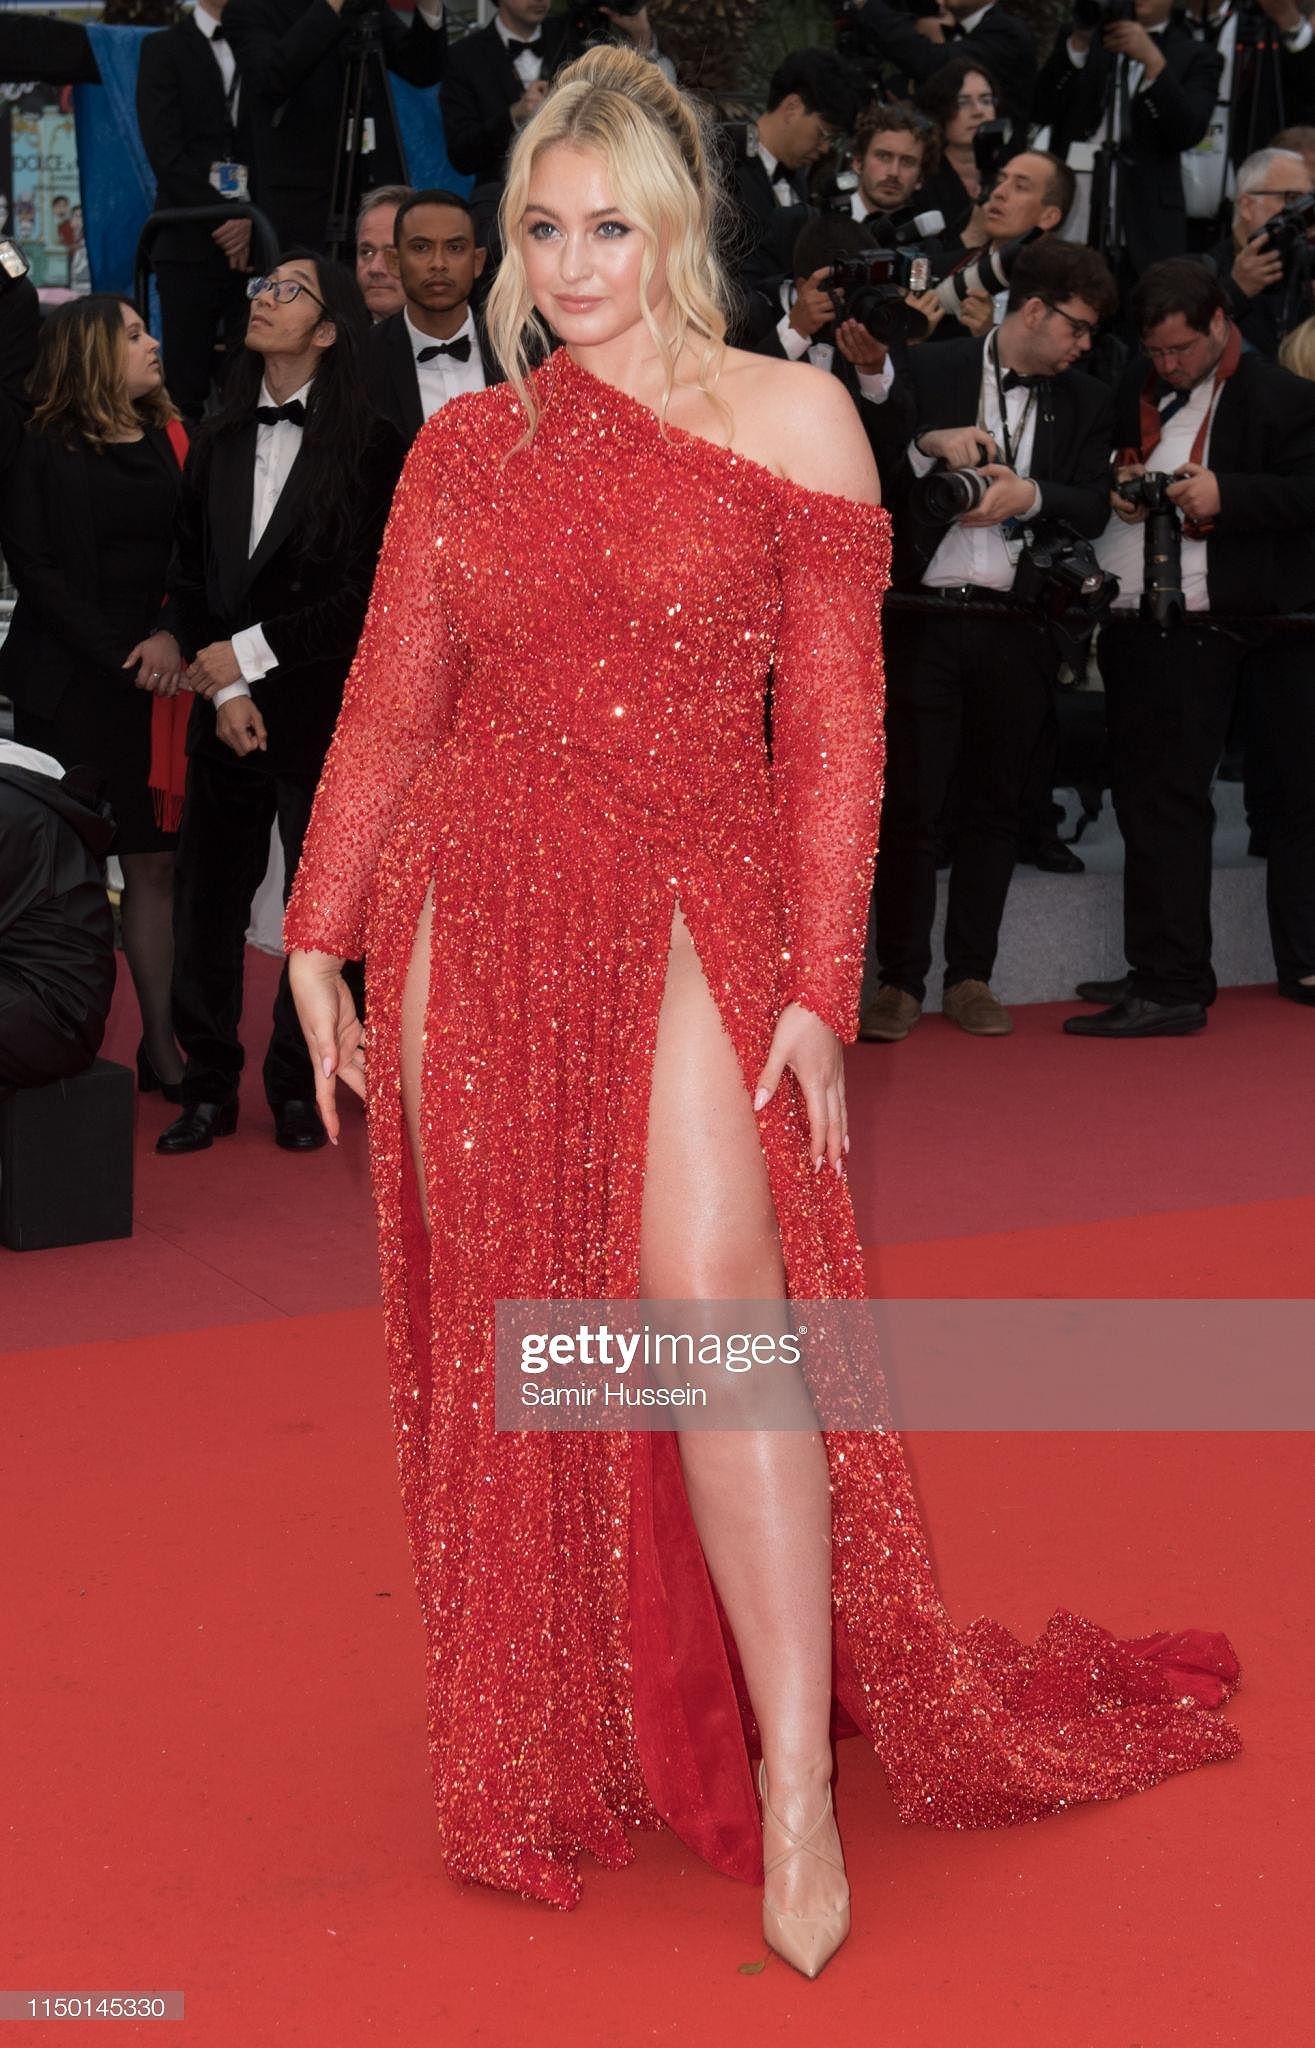 Siêu mẫu đồ nhỏ mặc như không, dàn nam vũ công quằn quại trên thảm đỏ Cannes - Hình 23